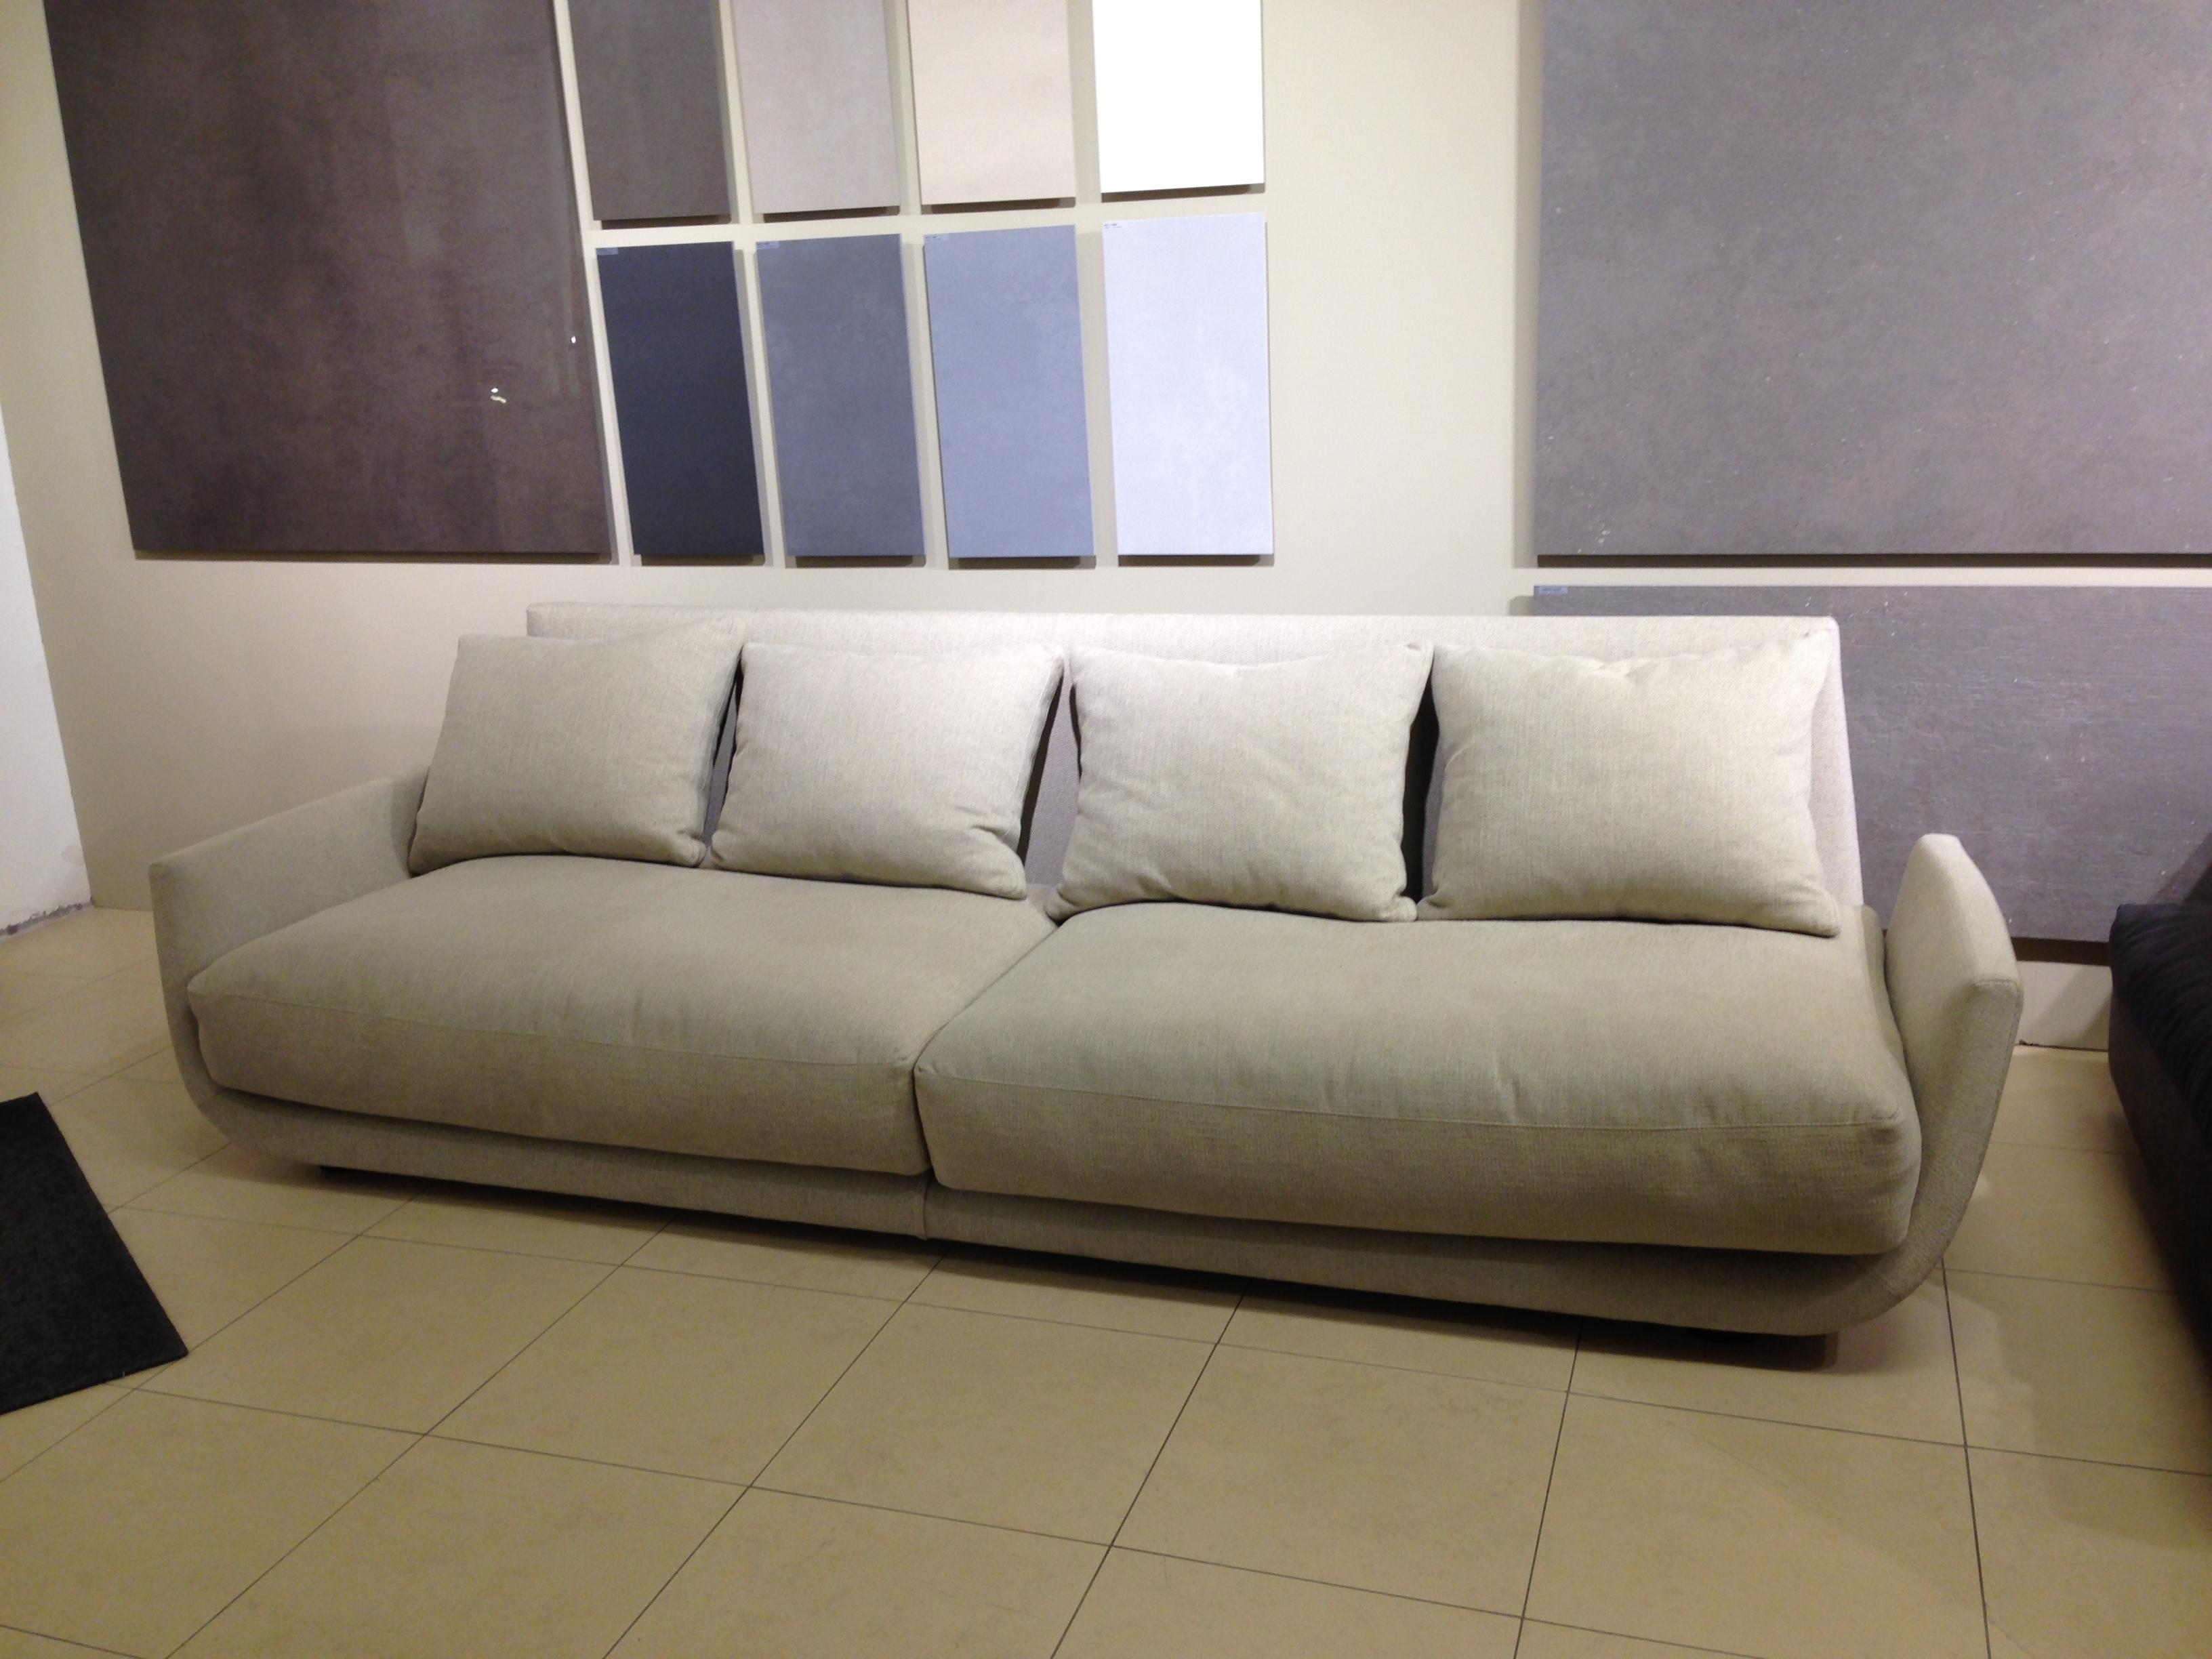 Divano letto usato stunning divano frau usato ideas skilifts us skilifts us divano letto - Divano letto usato firenze ...